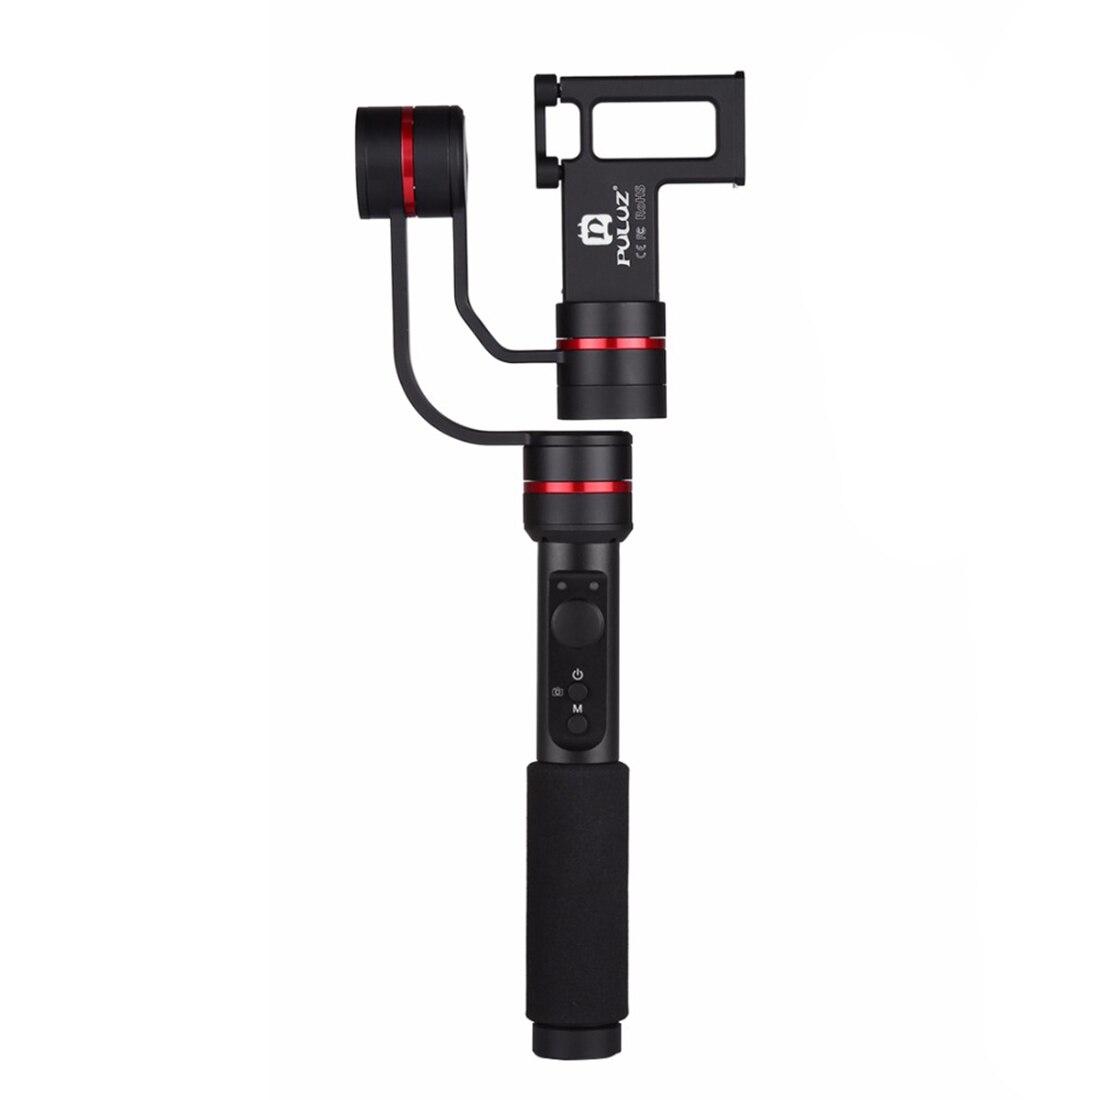 PULUZ G1 3-Axis De Poche Selfie Téléphone Cardan Steadicam Stabilisateur support de Fixation pour 4.7-5.5 pouce Smartphones, 360 Degrés téléphone gi